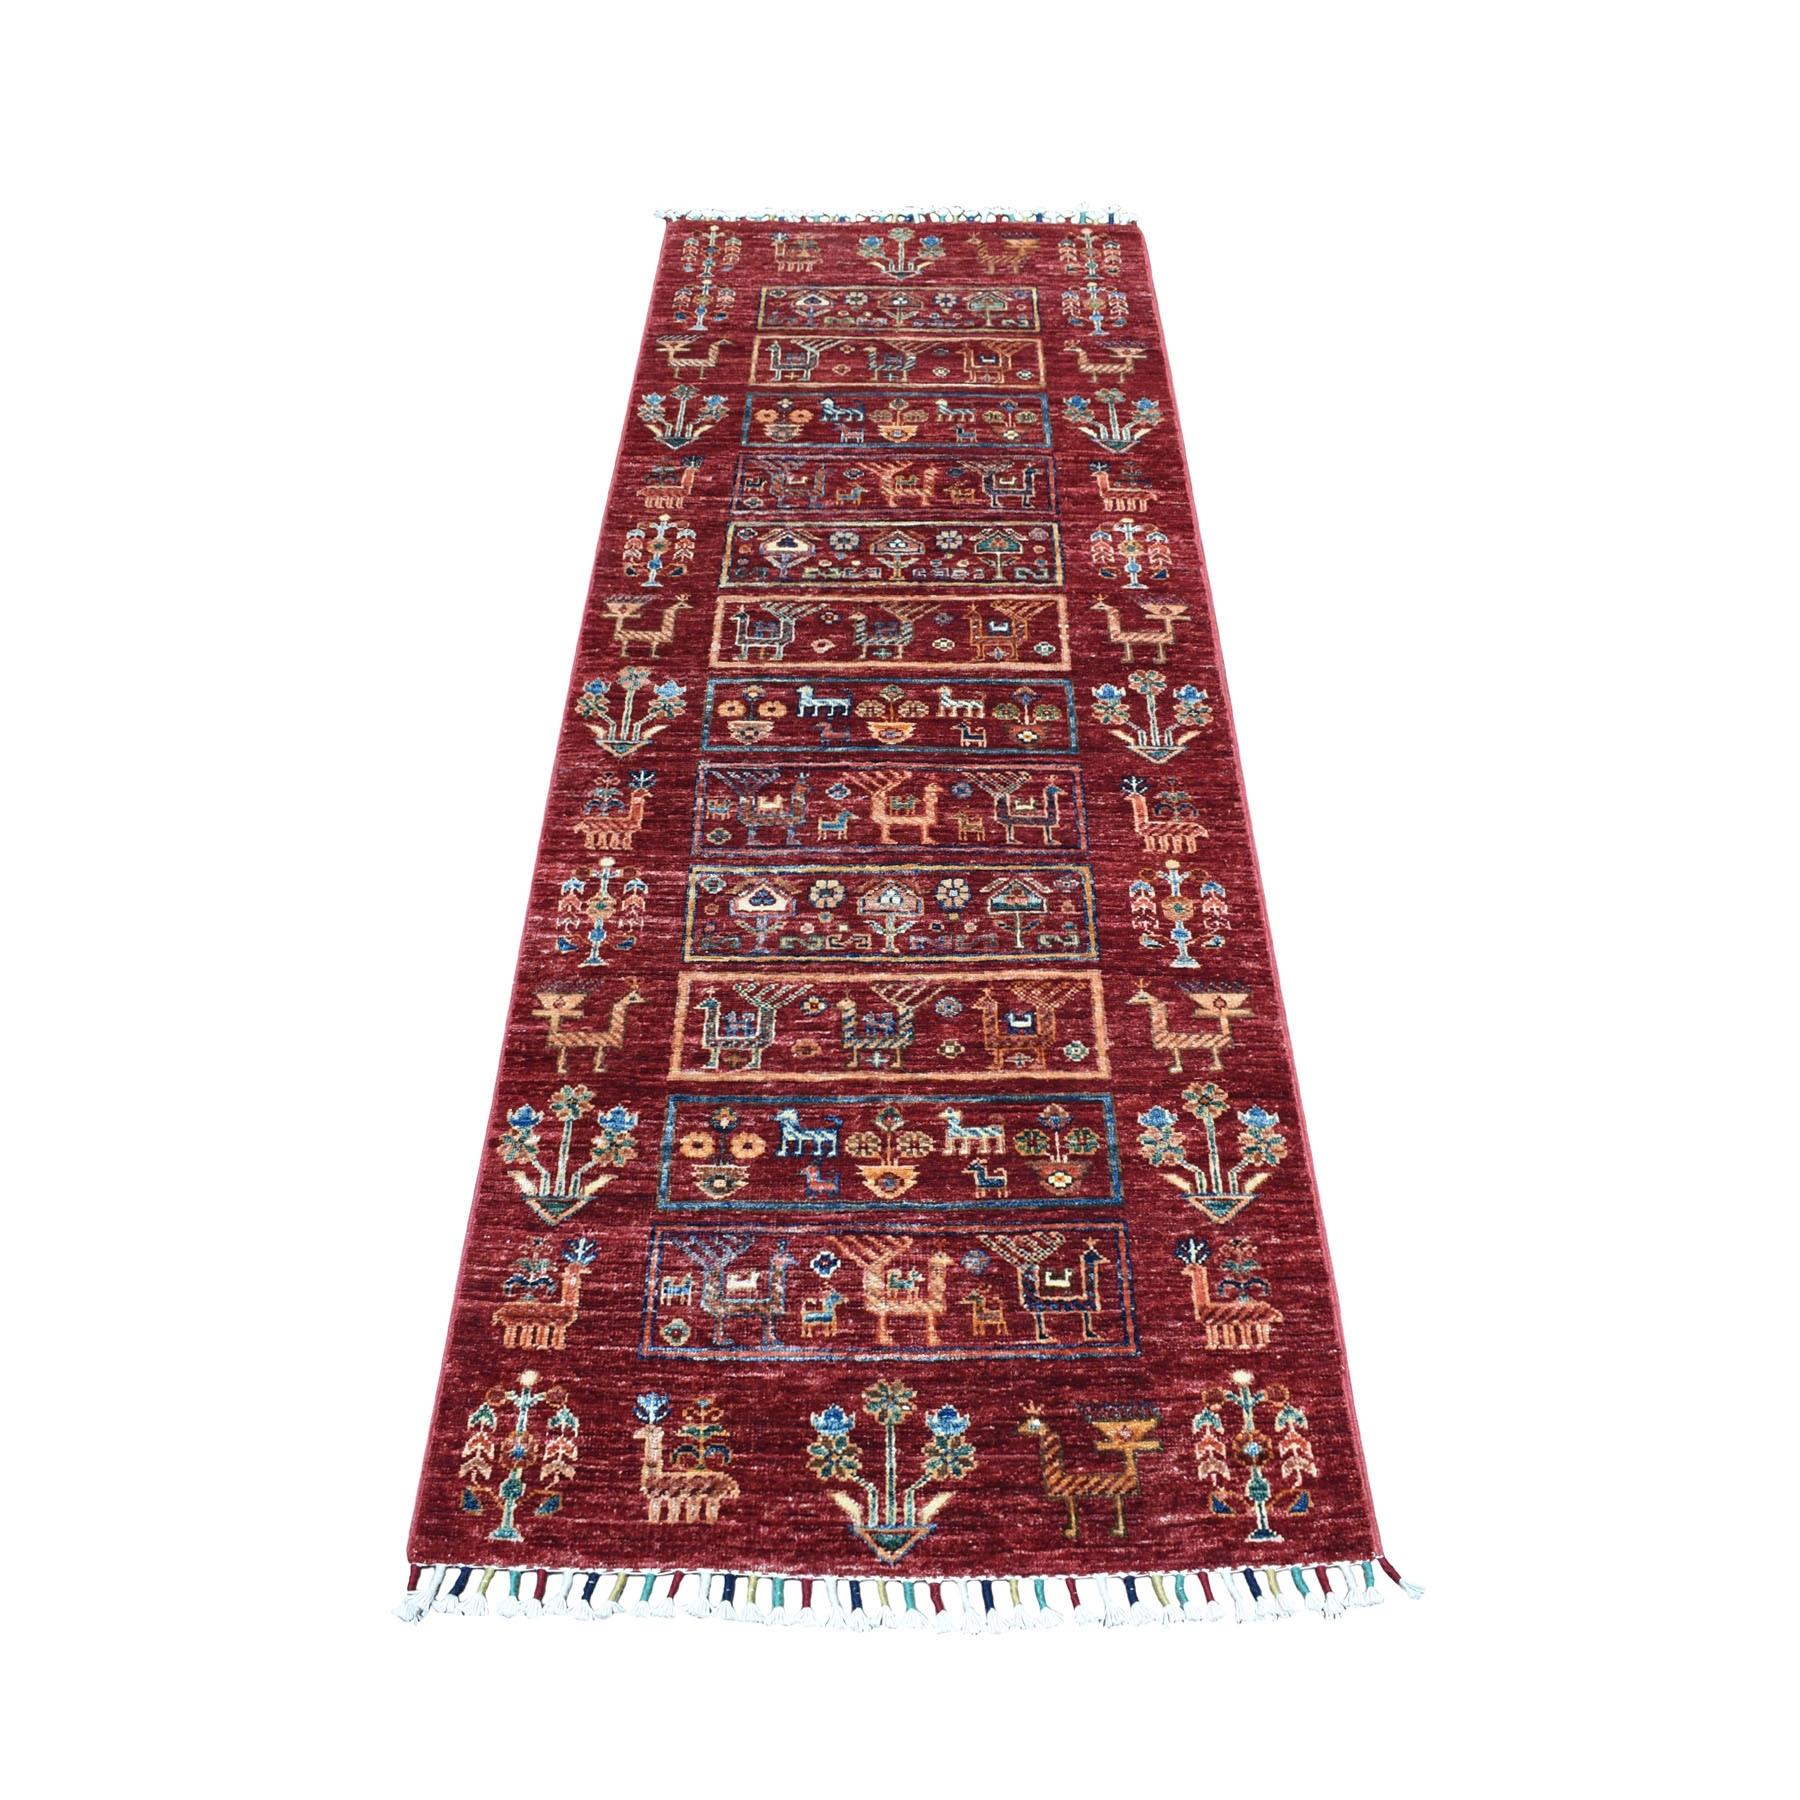 """2'5""""x6'10"""" Khorjin Design Red Super Kazak With Animals Runner Pure Wool Hand Knotted Oriental Rug"""